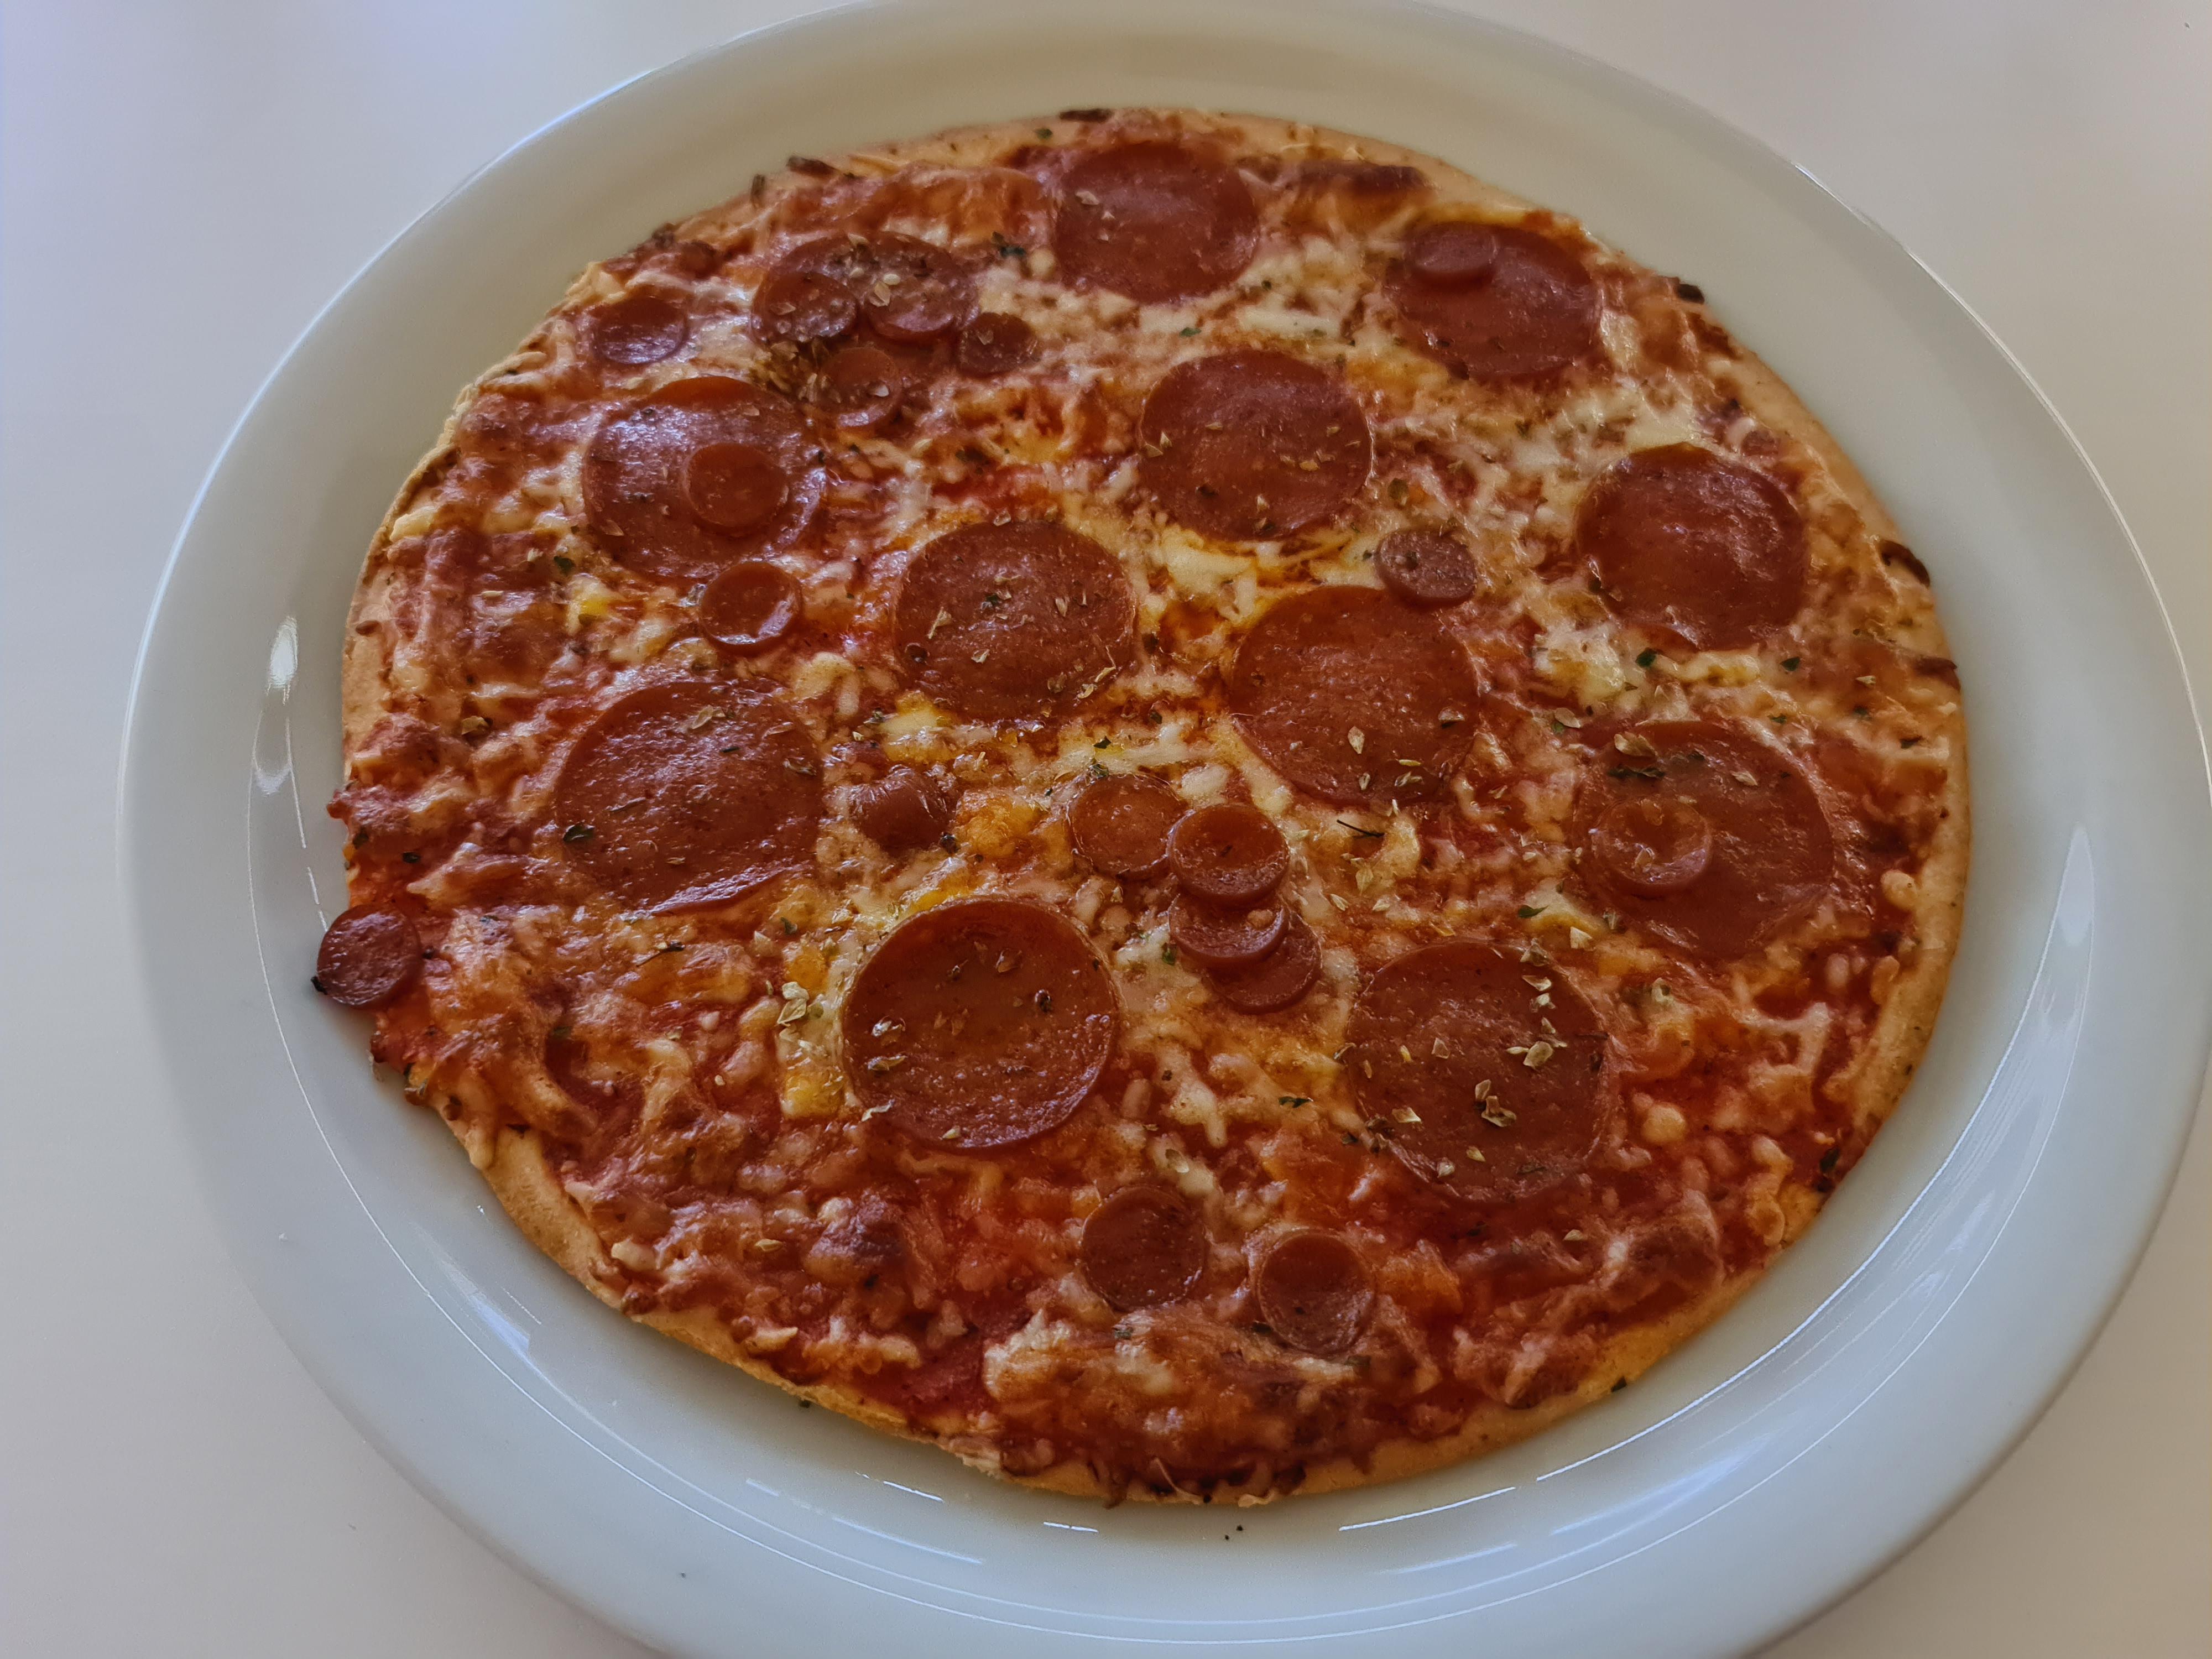 https://foodloader.net/Holz_2020-03-20_Pizza.jpg